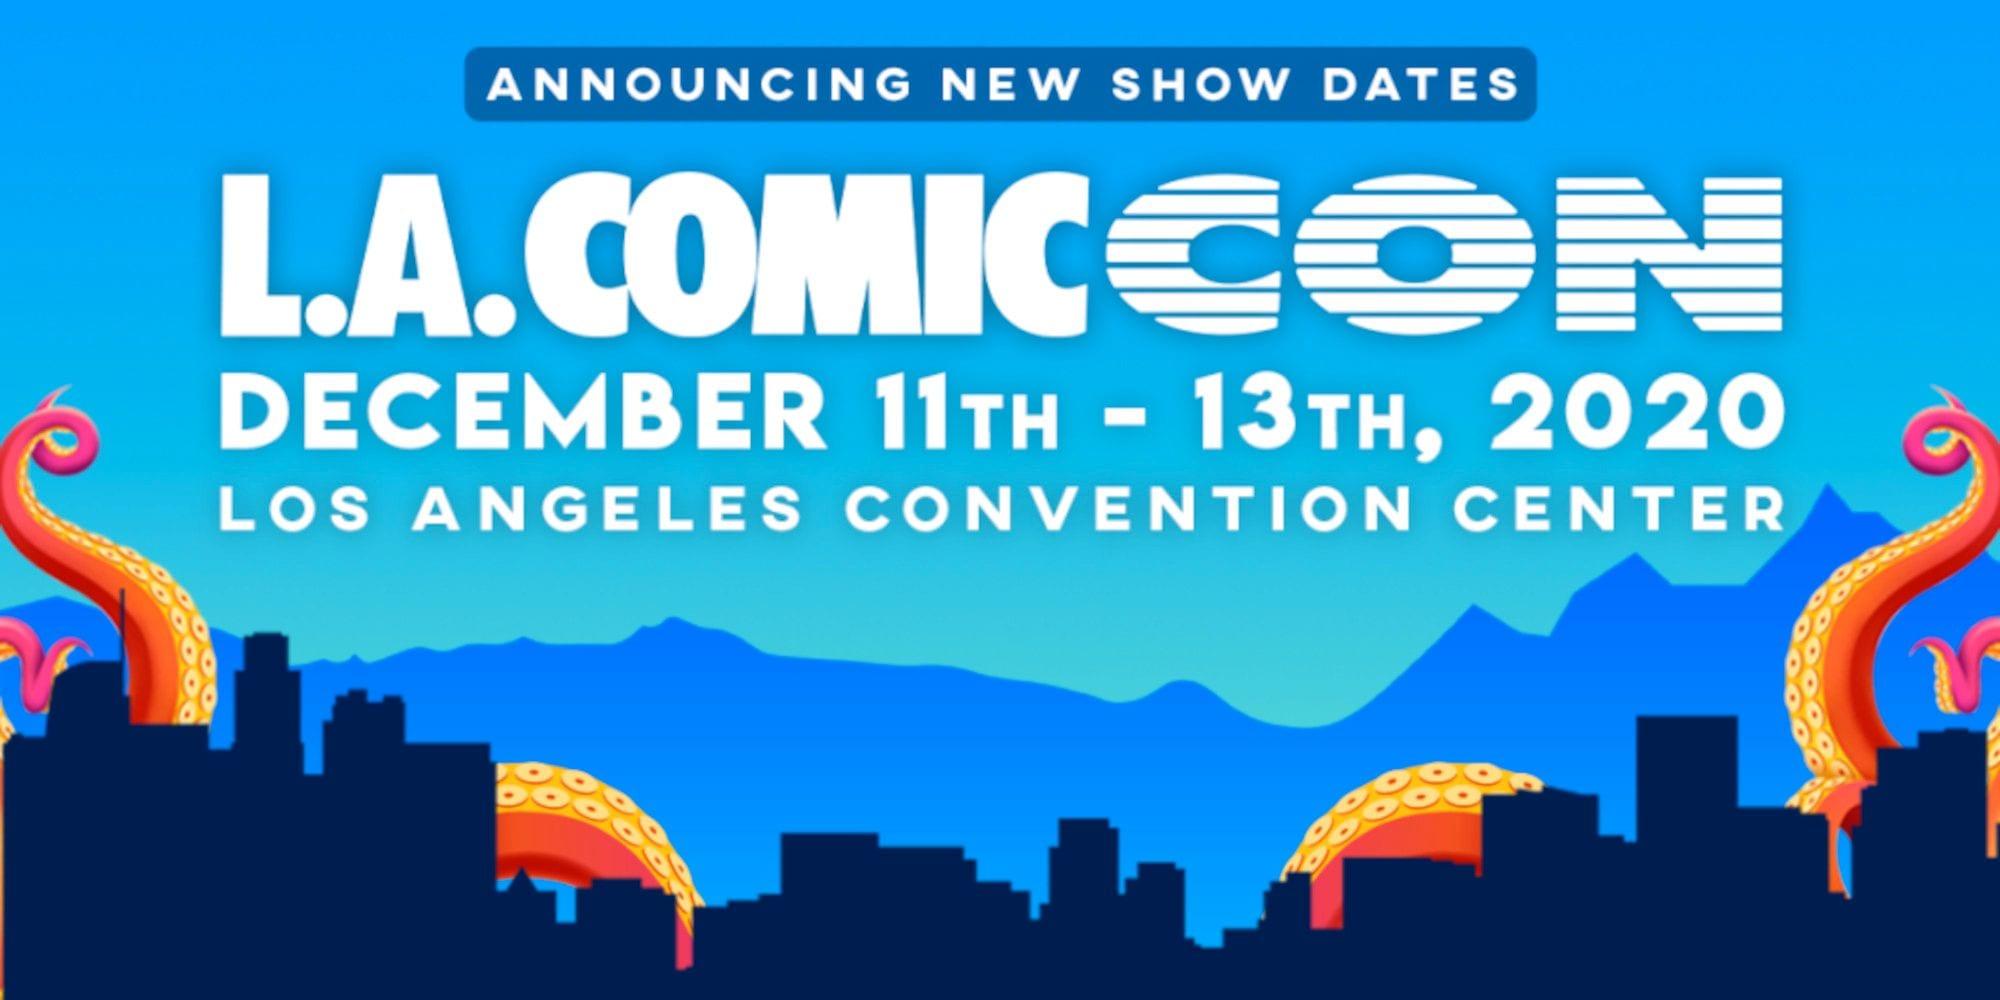 Il Comic Con di Los Angeles annullato per il 2020